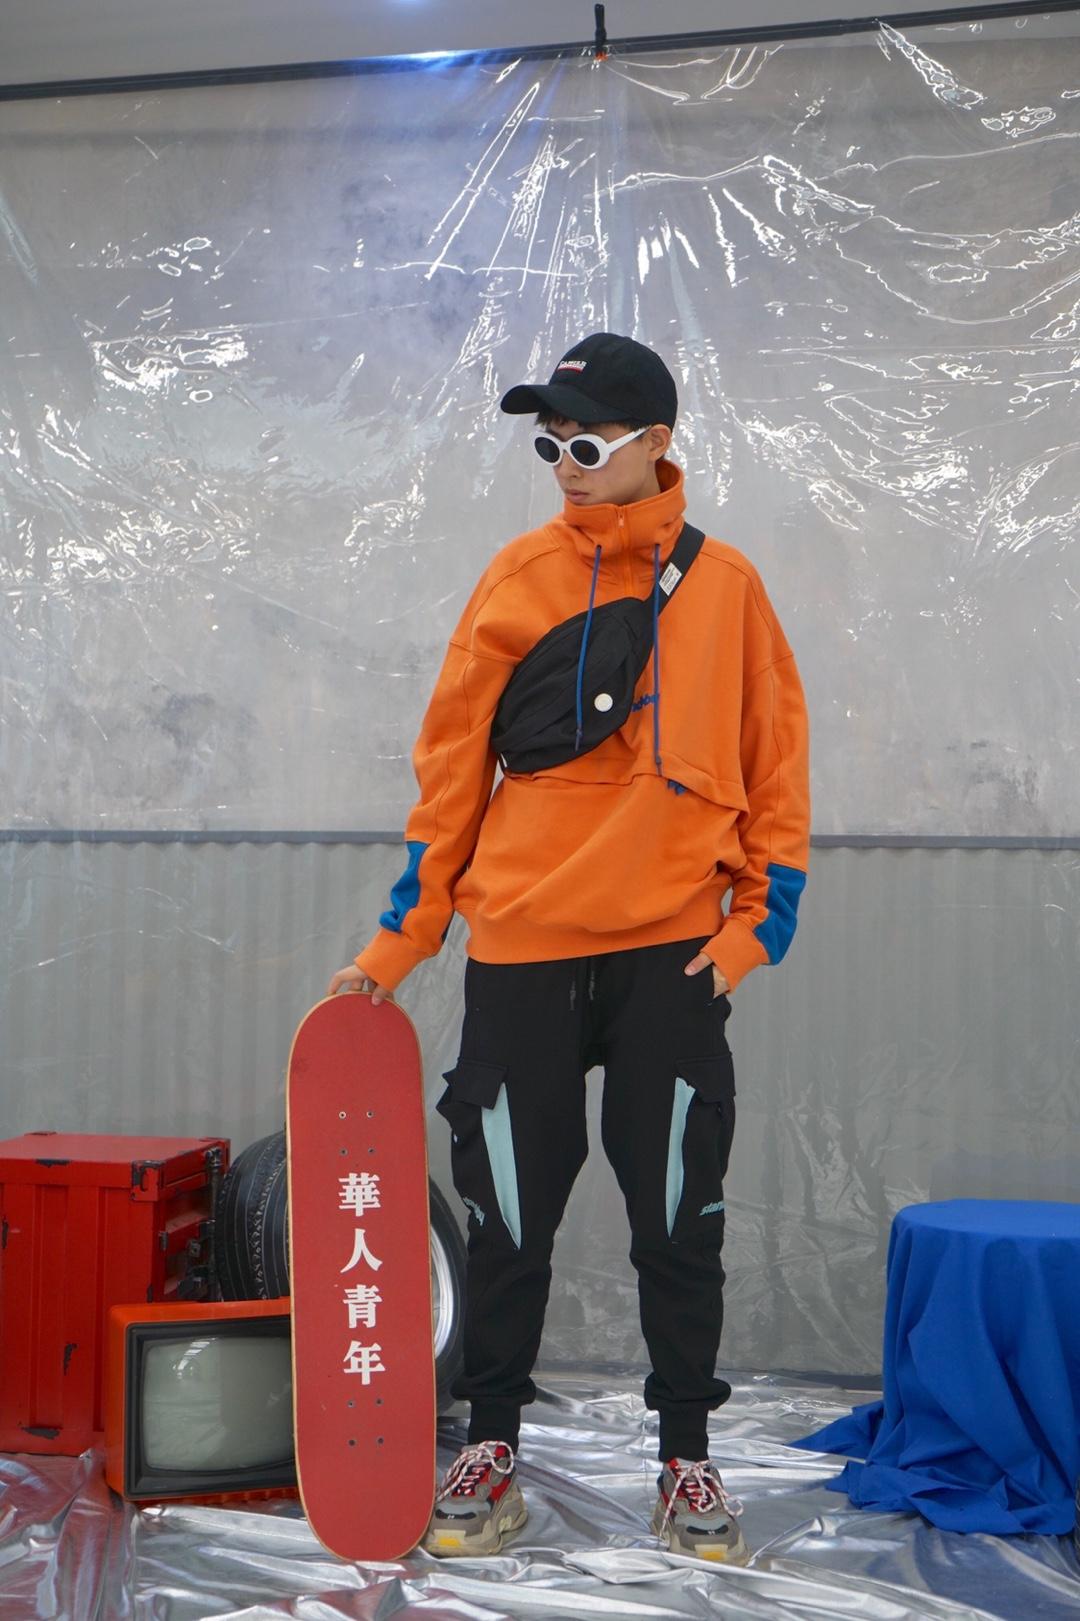 #MOGU STUDIO#橙色的卫衣特别的吸睛,搭配黑色束脚运动裤,酷的一批,再搭配个黑色鸭舌帽和黑色挎包,使酷再次上升了一个档次,看起来只有卫衣,实则小东西的搭配满满 👕Stand by 👖Stand by 👟巴黎世家